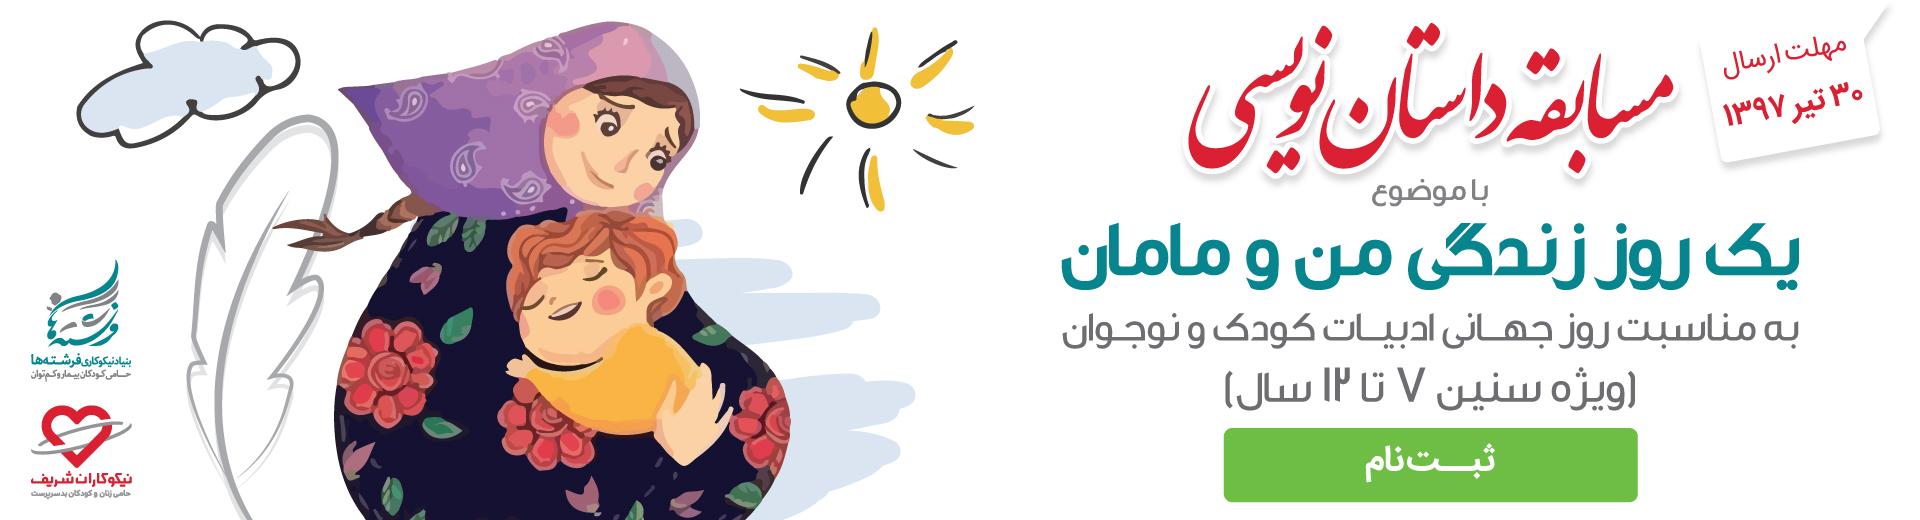 مسابقه داستان نویسی با موضوع یک روز زندگی من و مامان